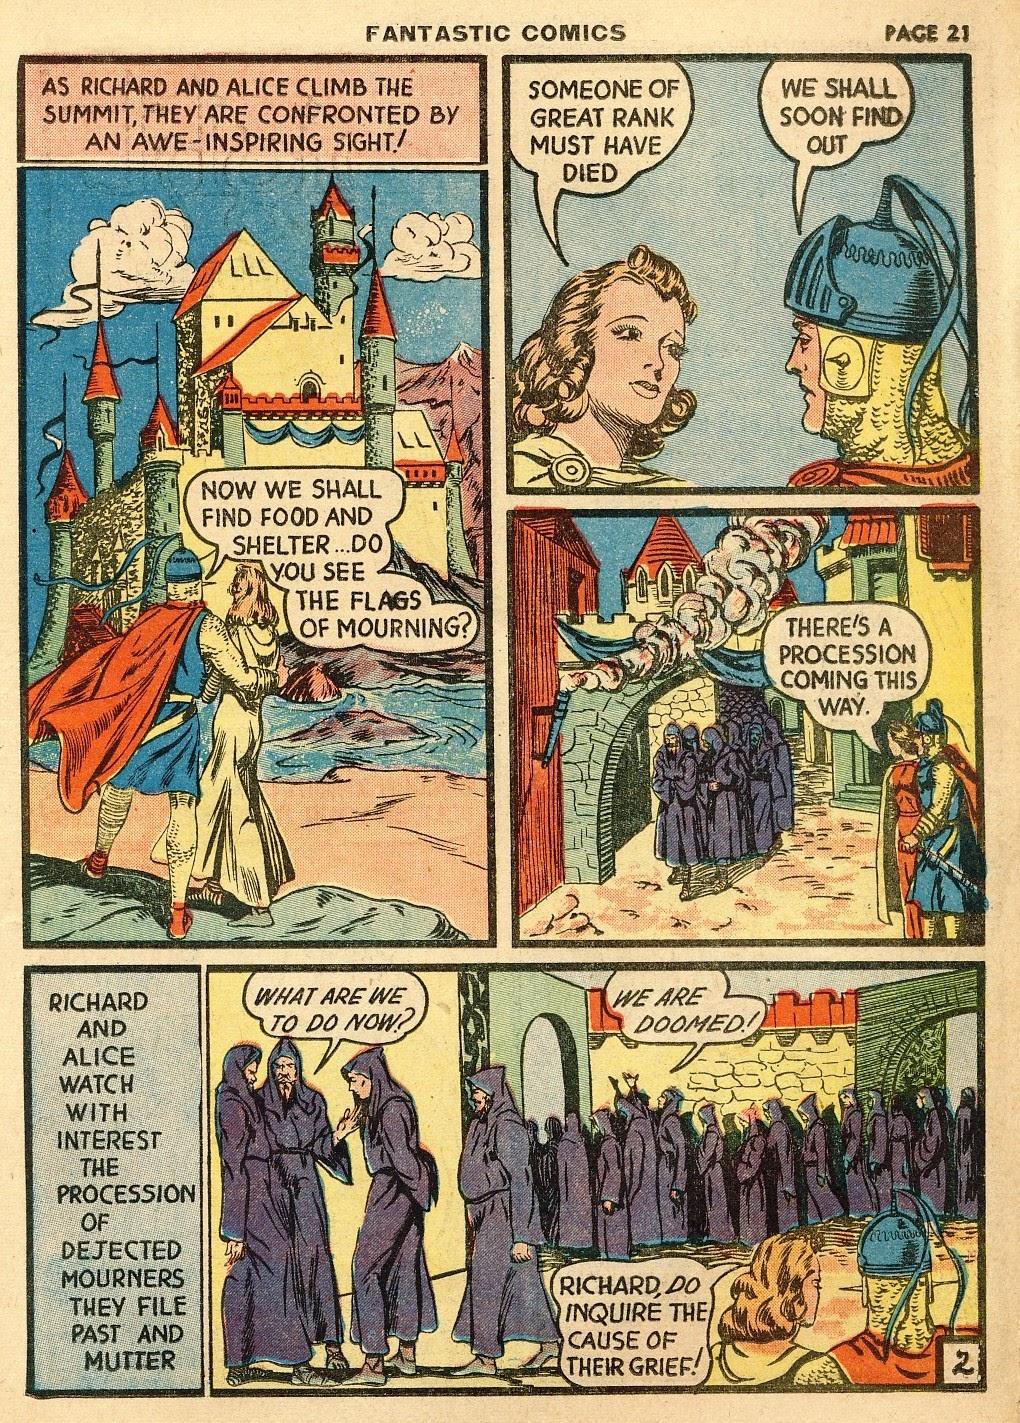 Read online Fantastic Comics comic -  Issue #10 - 22